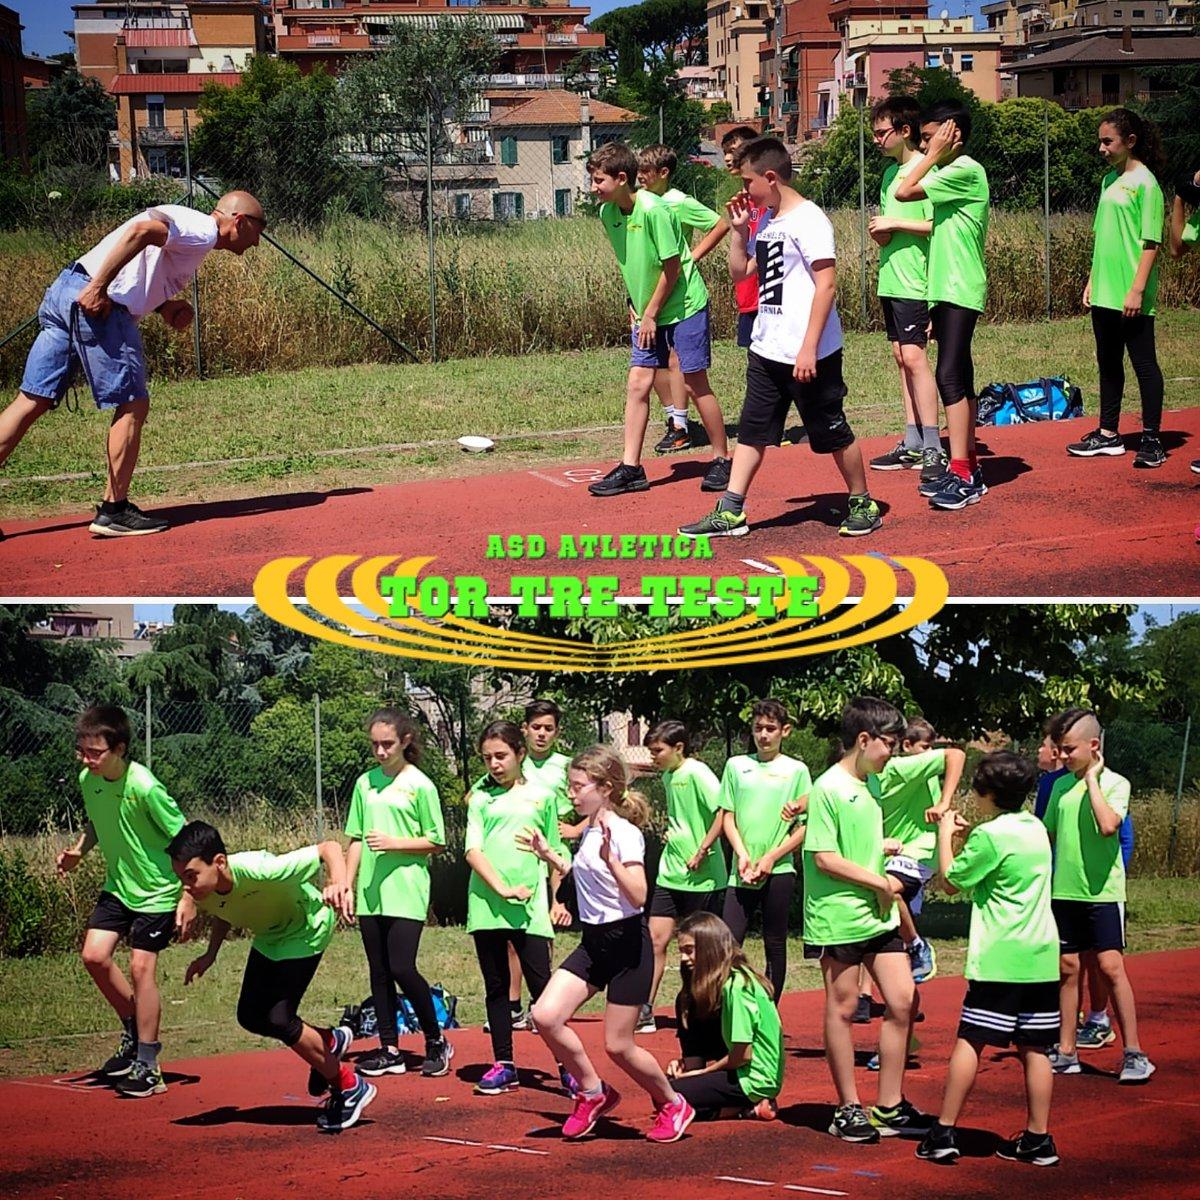 Il nostro tecnico Ottavio Fabri spiega l'#esercizio agli #atleti... E loro lo eseguono come spiegato. Sembra che ascoltino 😀  #lazio #roma #fidalroma #fidallazio #impegno #atletica #velocità #atleticatortreteste #verdefluo #fast #run #correre #running #fit #fitness #insegnamento https://t.co/eupbkq34EW